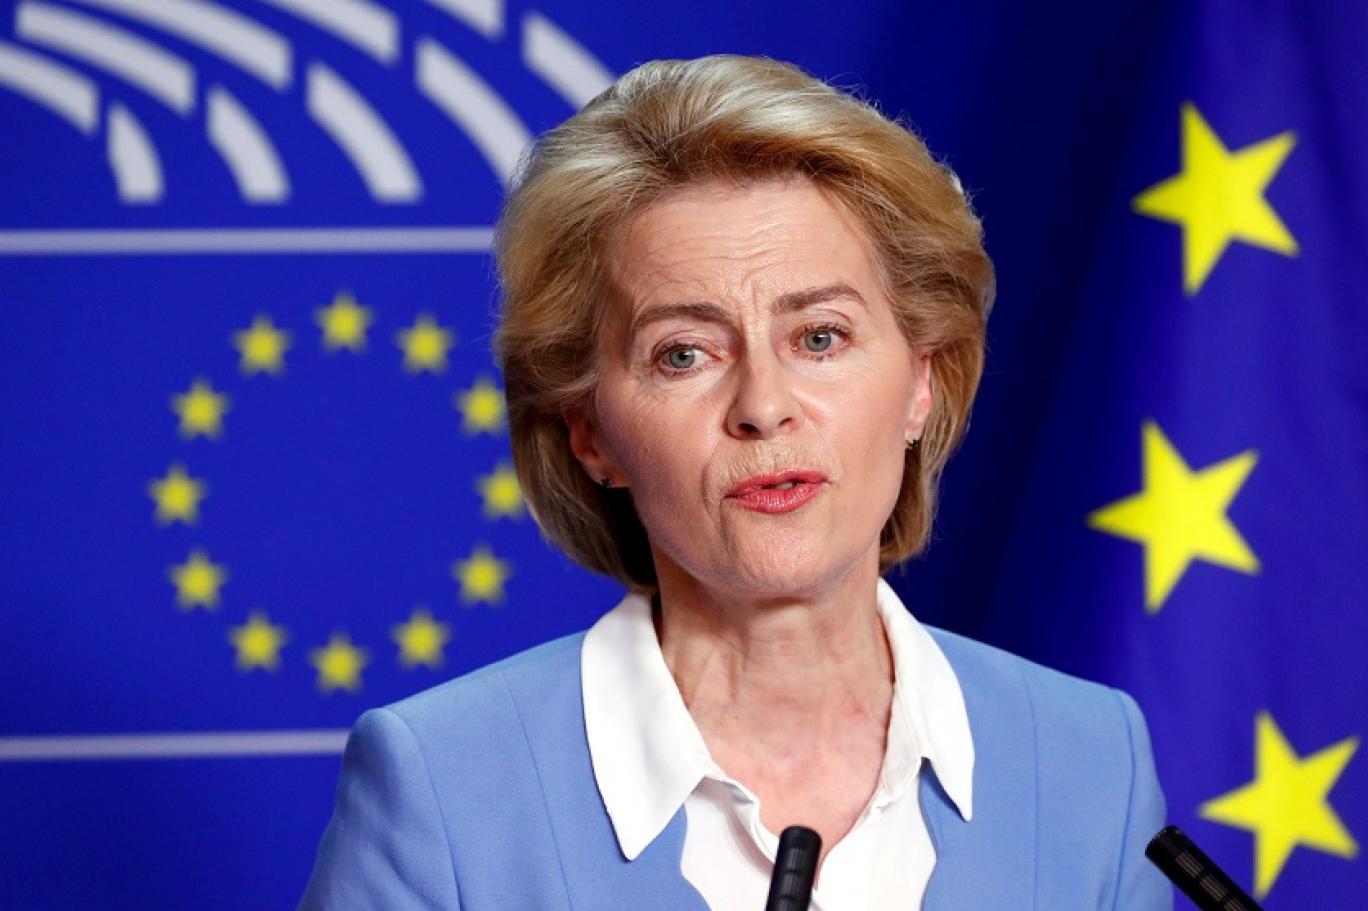 مفوضية الاتحاد الأوروبي تضخ 8,5 مليار يورو لـ 5 دول لمواجهة تداعيات كورونا